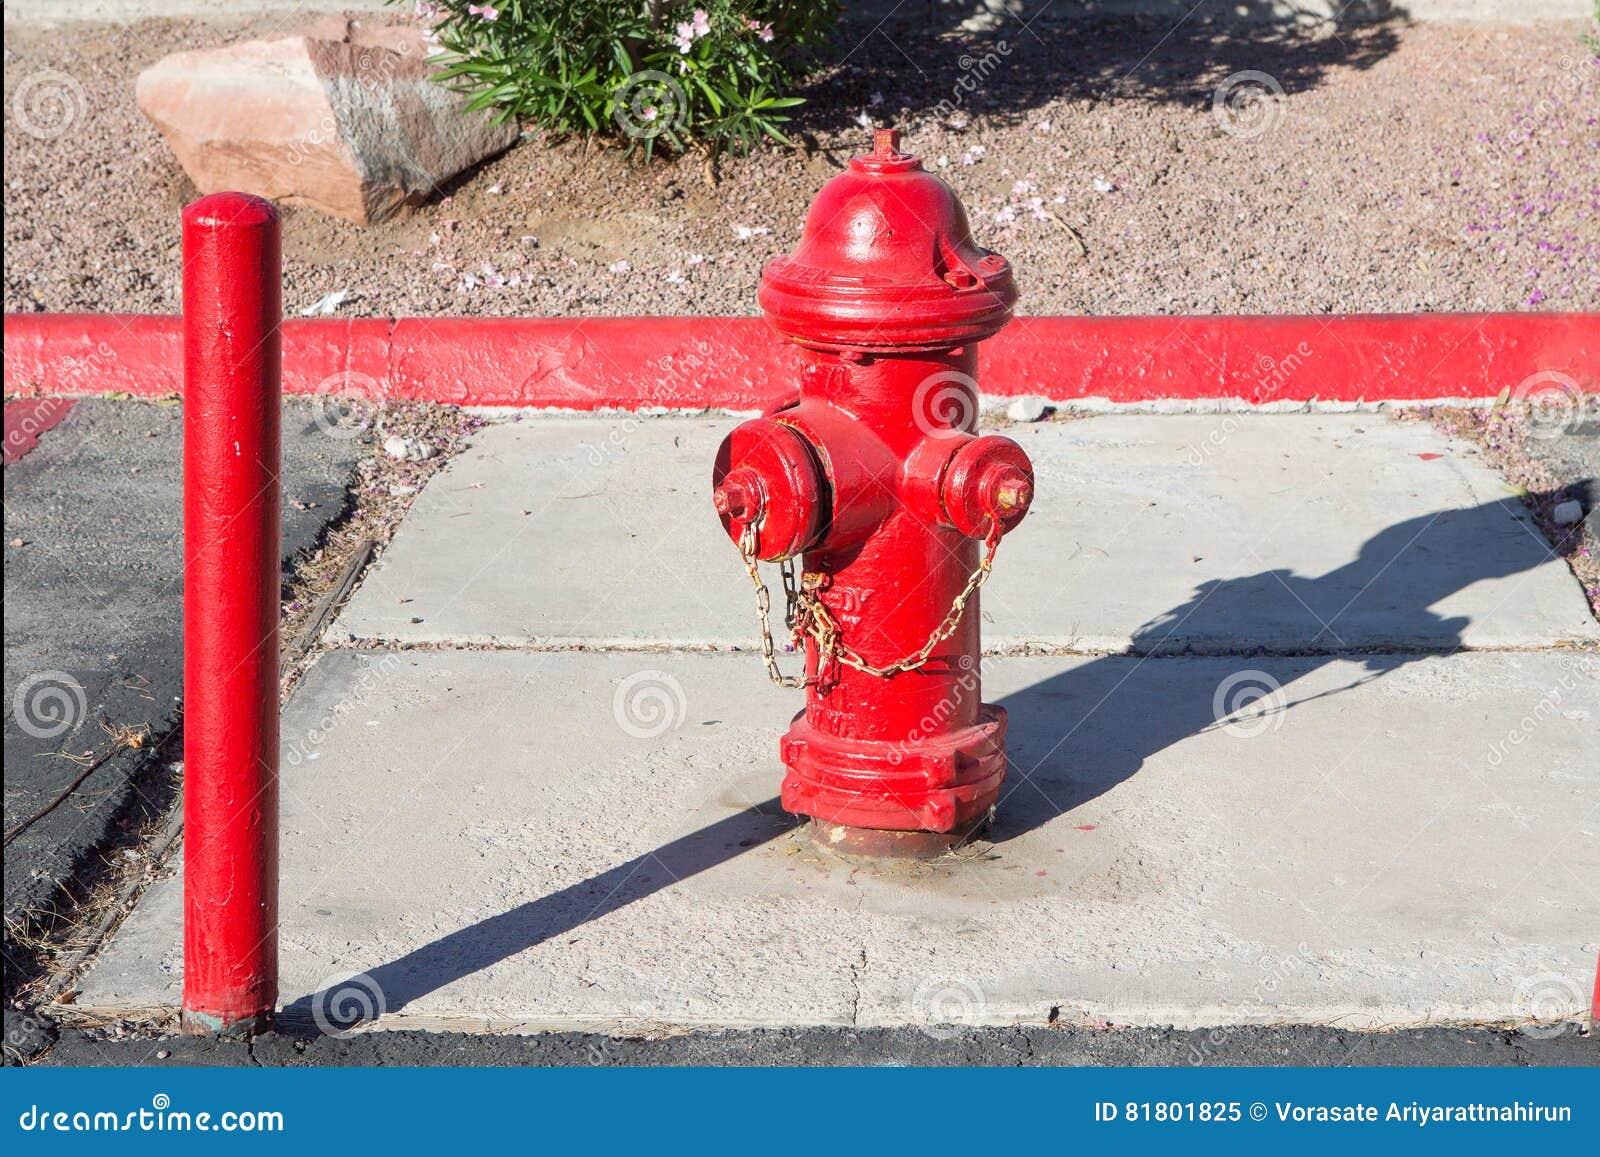 Жидкостный огнетушитель на поле